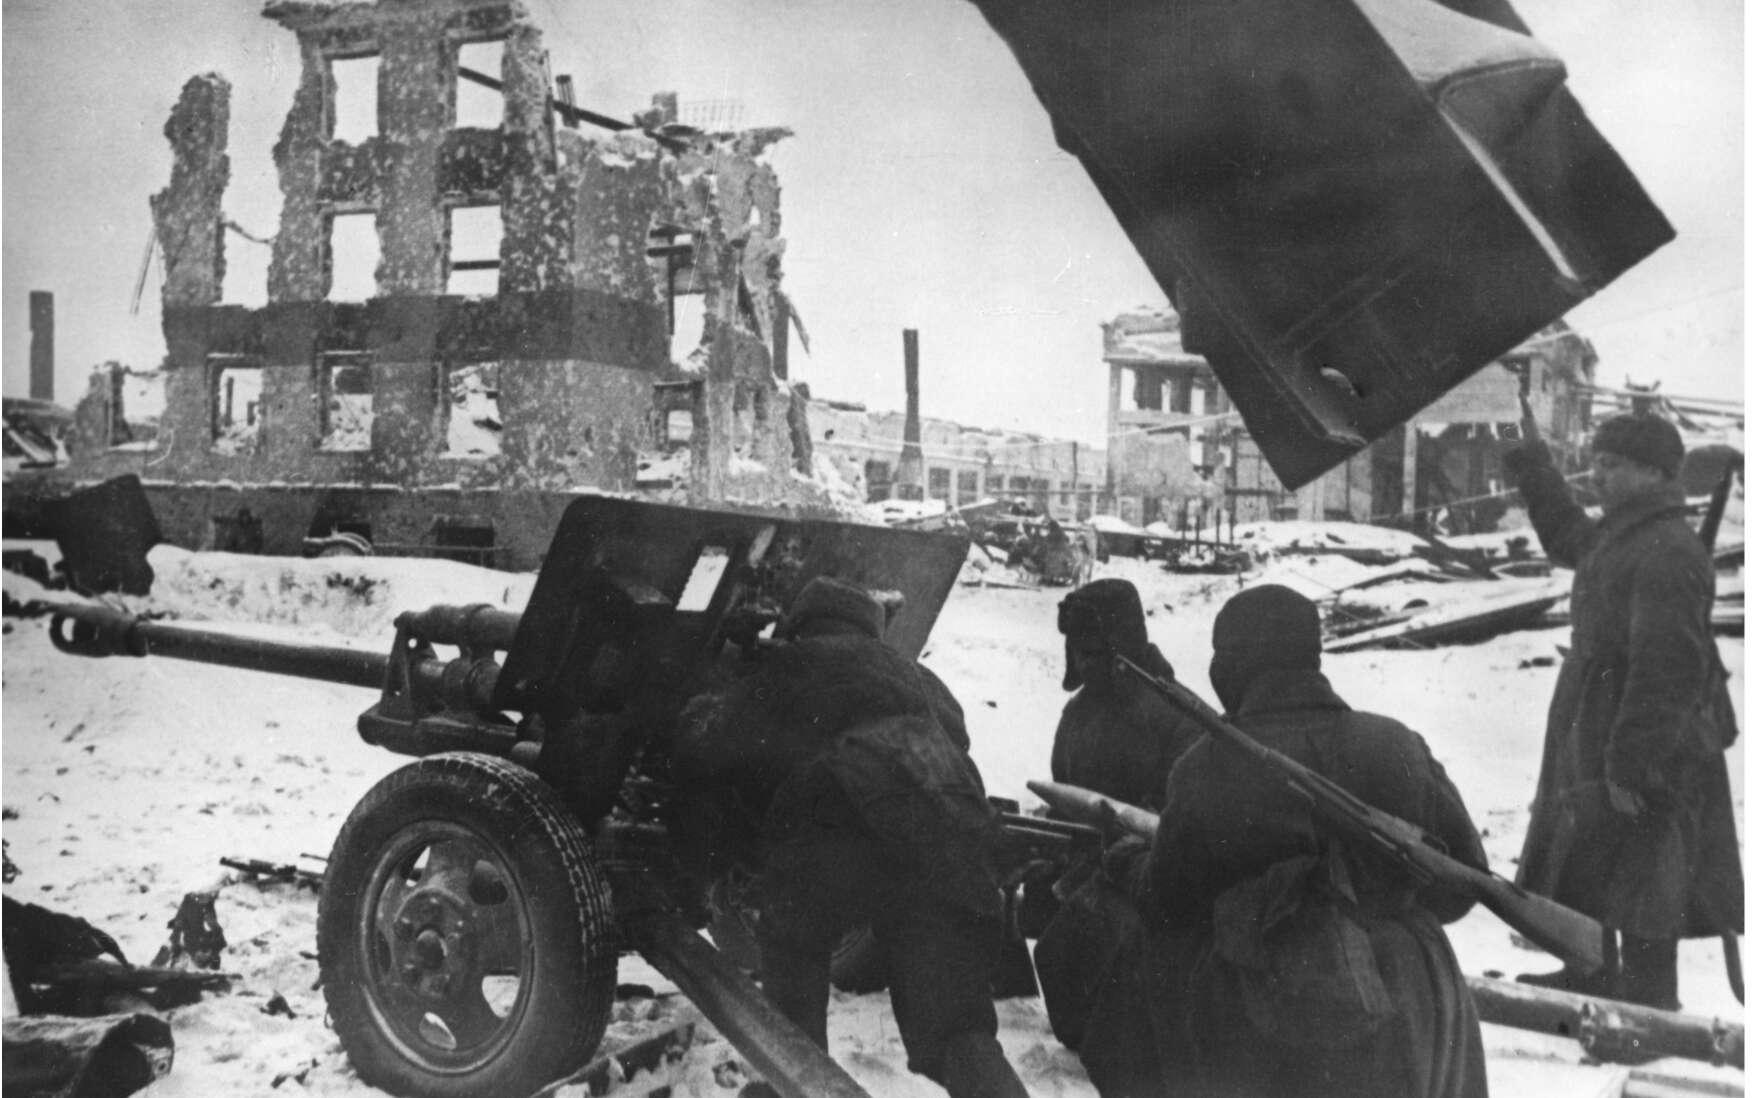 Des officiers d'infanterie soviétique lors de combats de rue. © Sputnik, Google Images.